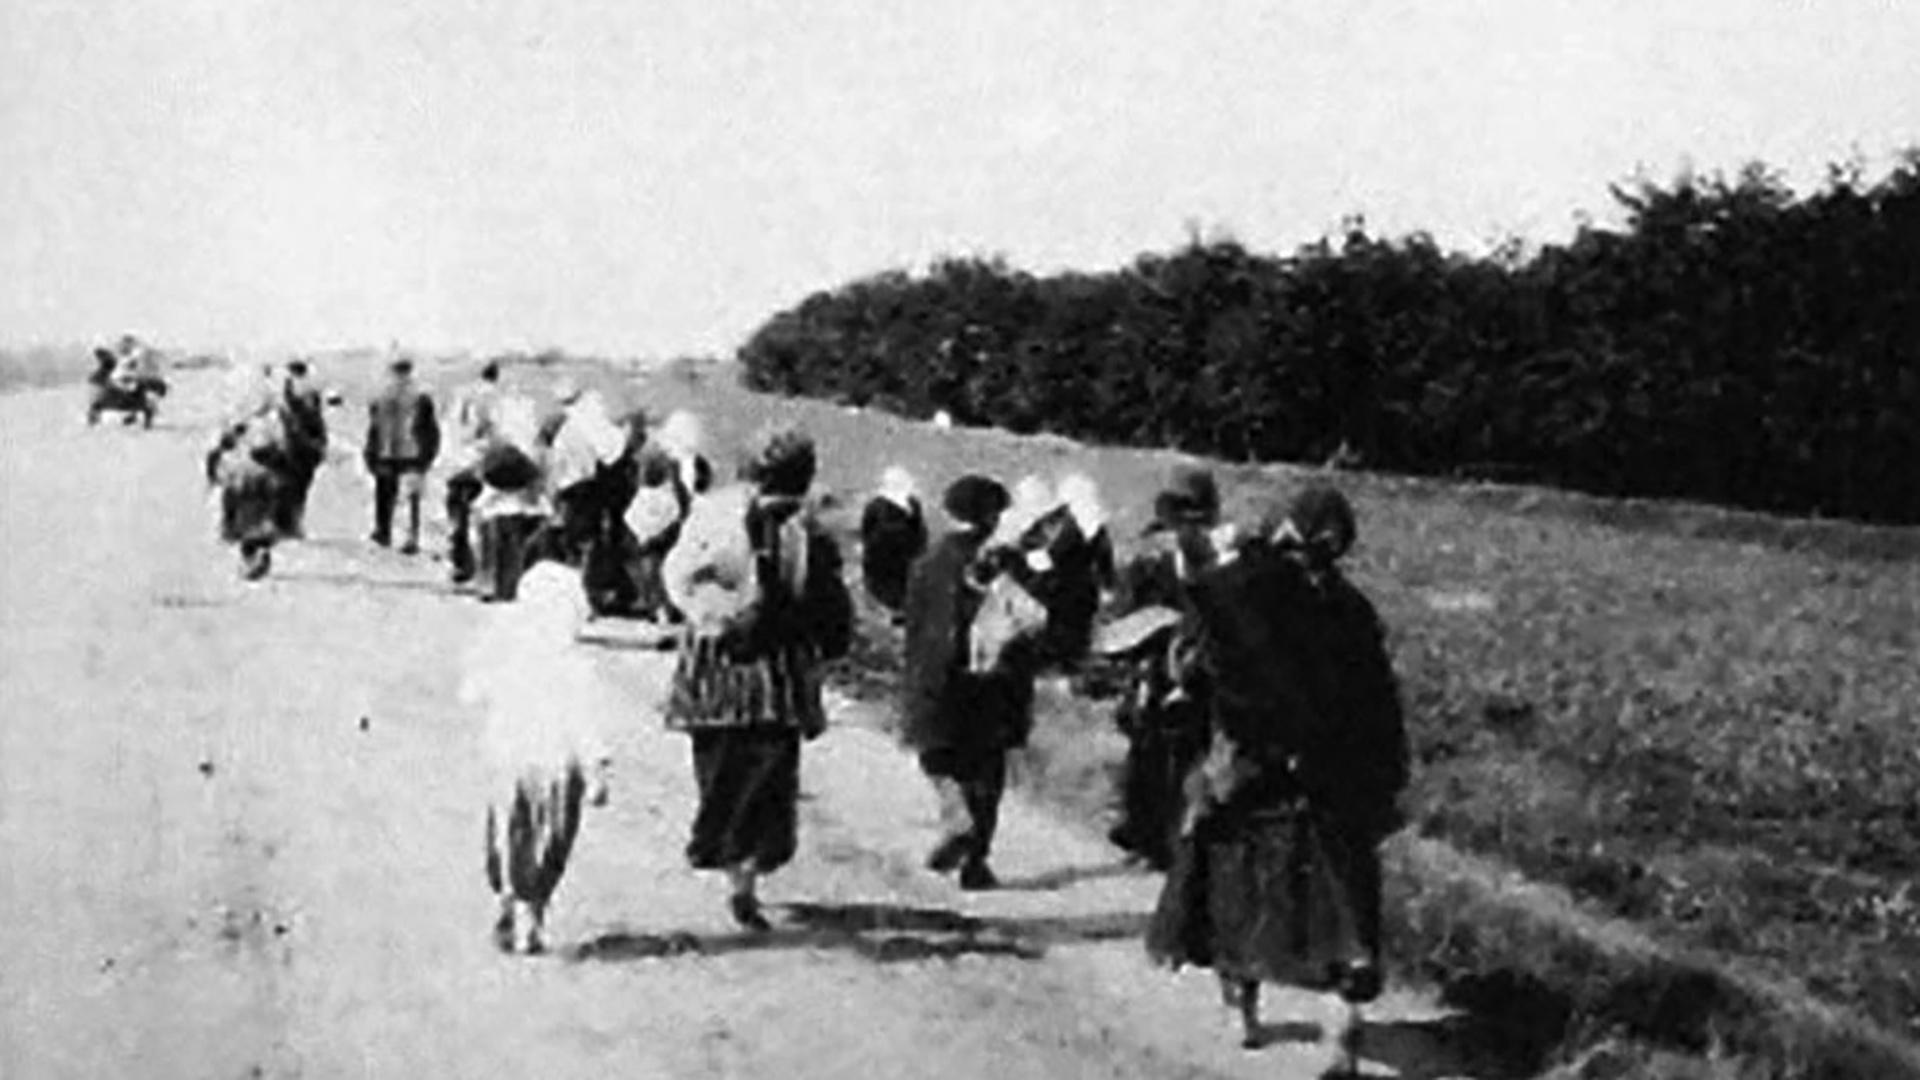 """En la actualidad Ucrania califica a los tiempos del Holodomor como tiempos de """"exterminio xenófobo en masa contra su pueblo"""""""